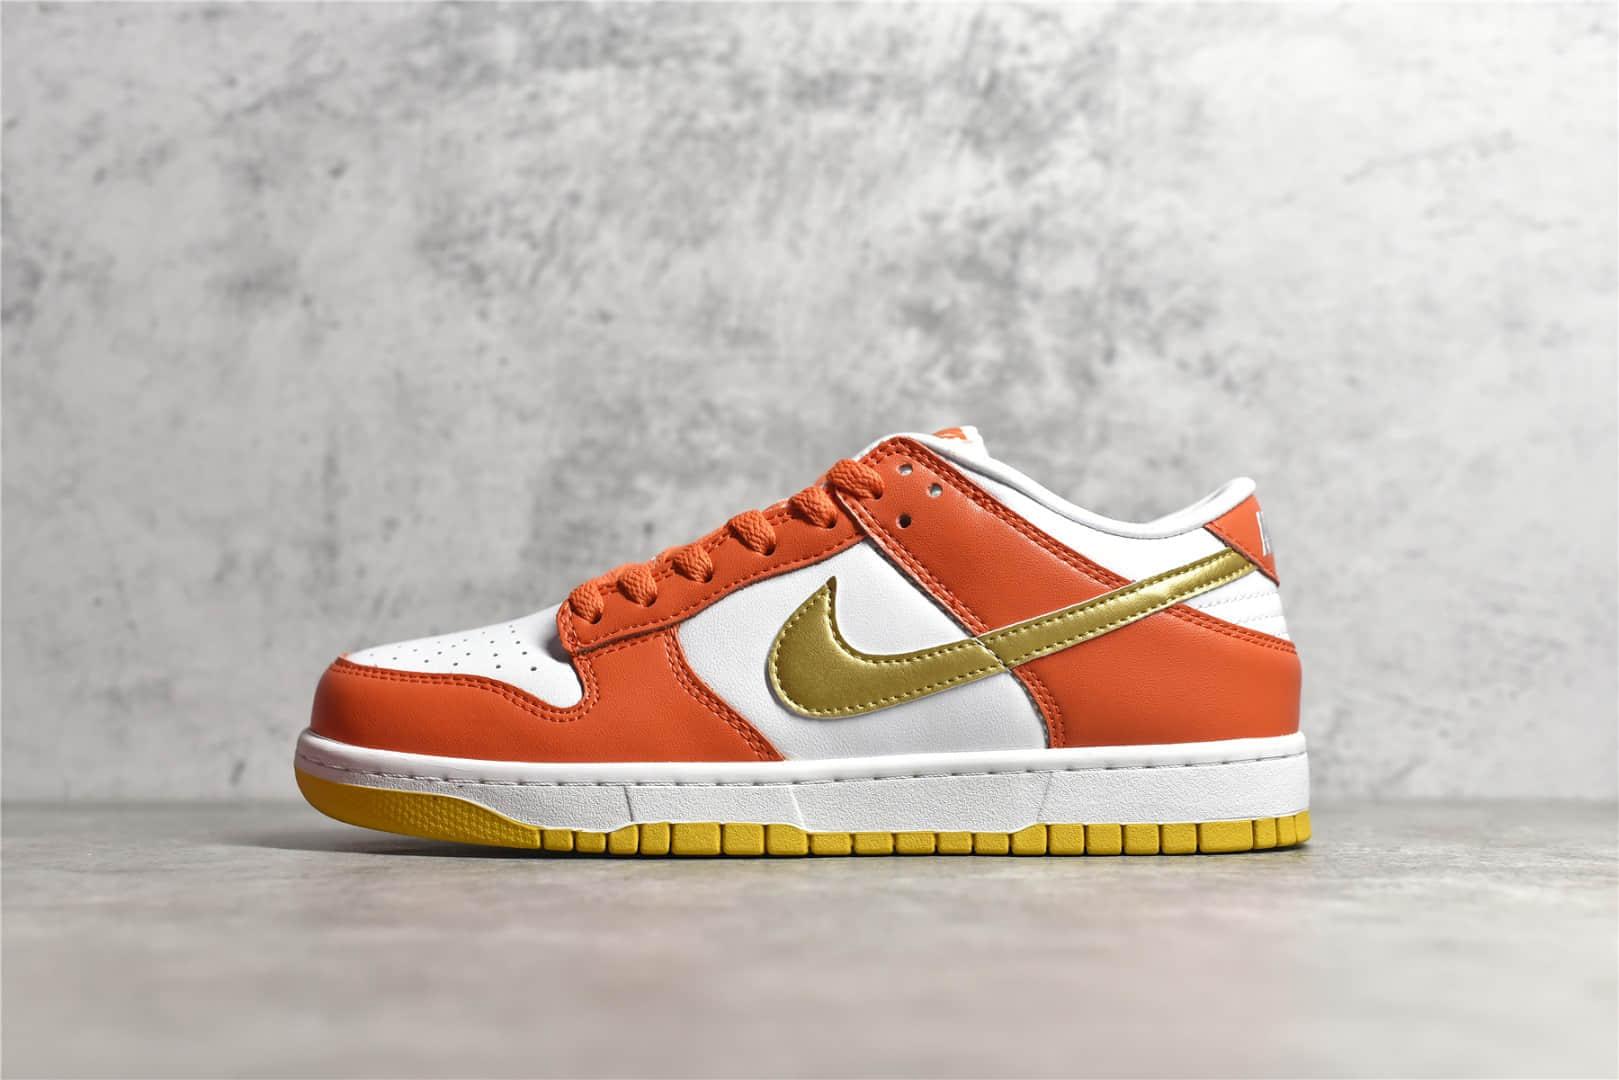 耐克Dunk白橙金色低帮 Nike Dunk Low 高端纯原版本耐克Dunk低帮板鞋 货号:DQ4697-800-潮流者之家